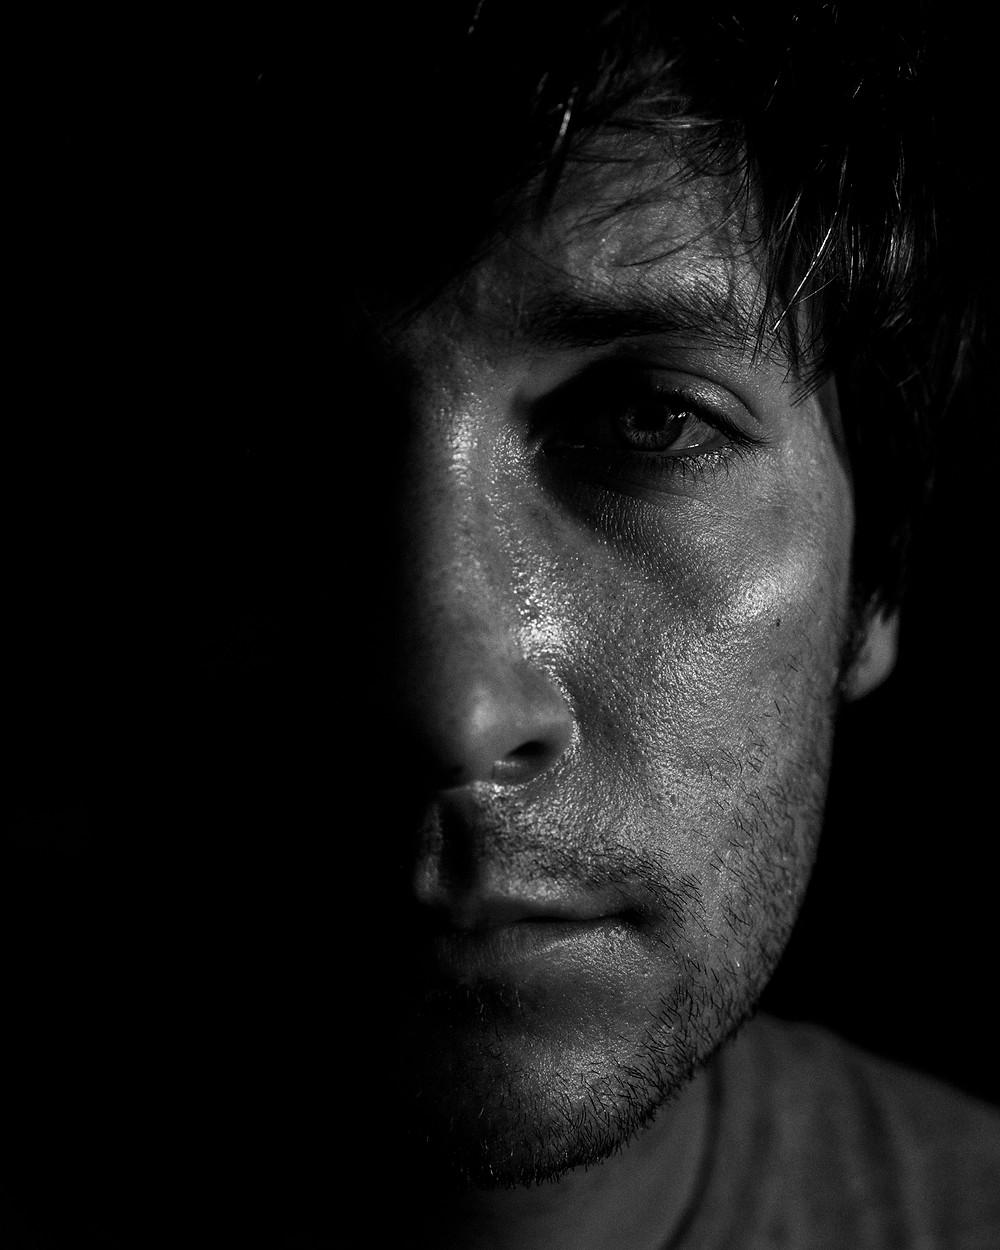 Self Portrait, 2021, Sony A7R IV, Sony Sonnar T* FE 55mm f/1.8 ZA Lens